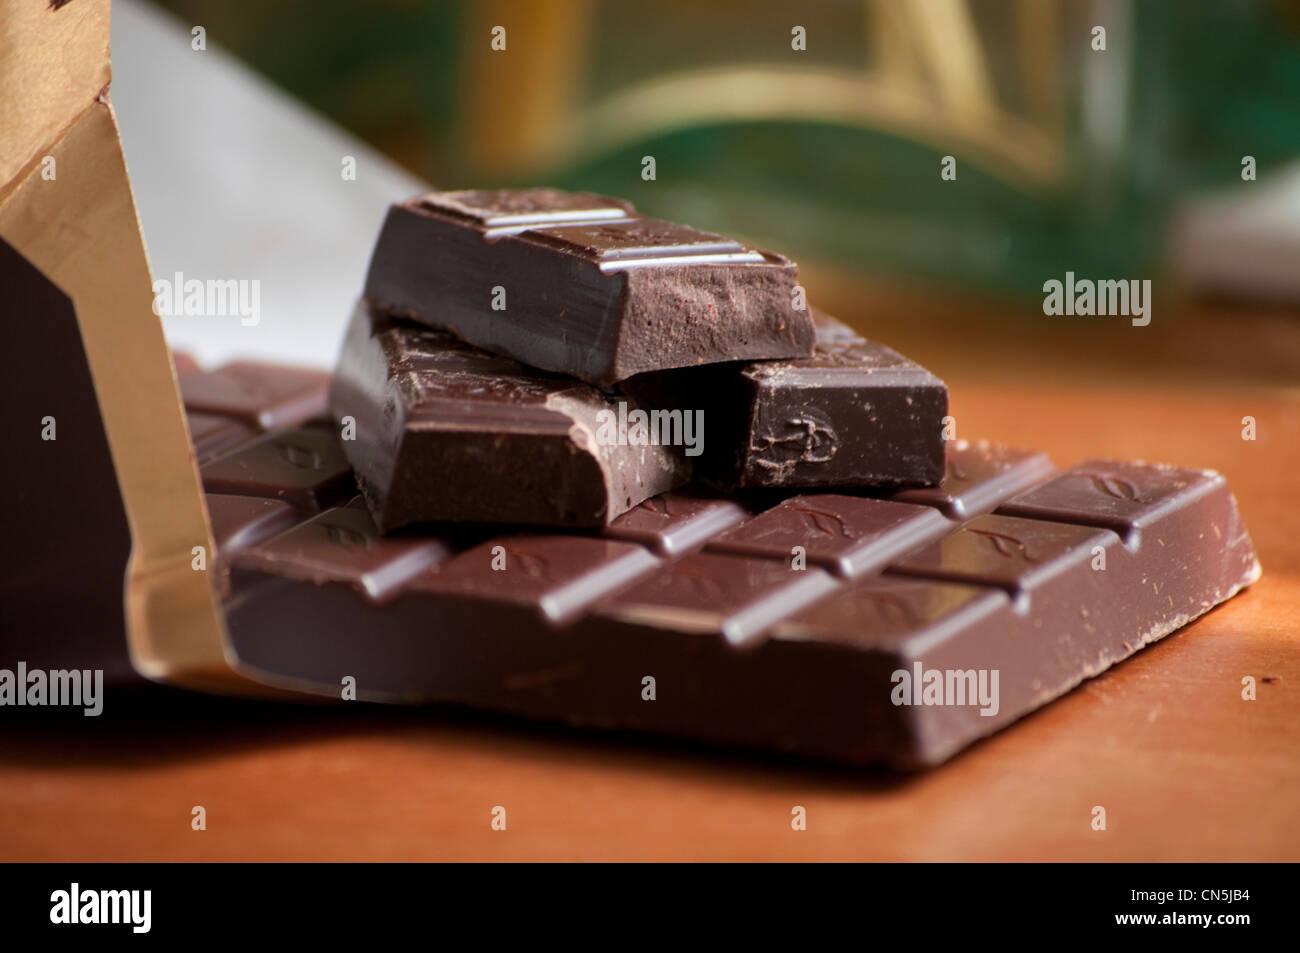 Dunkle Schokolade in Wrapper. Stockbild